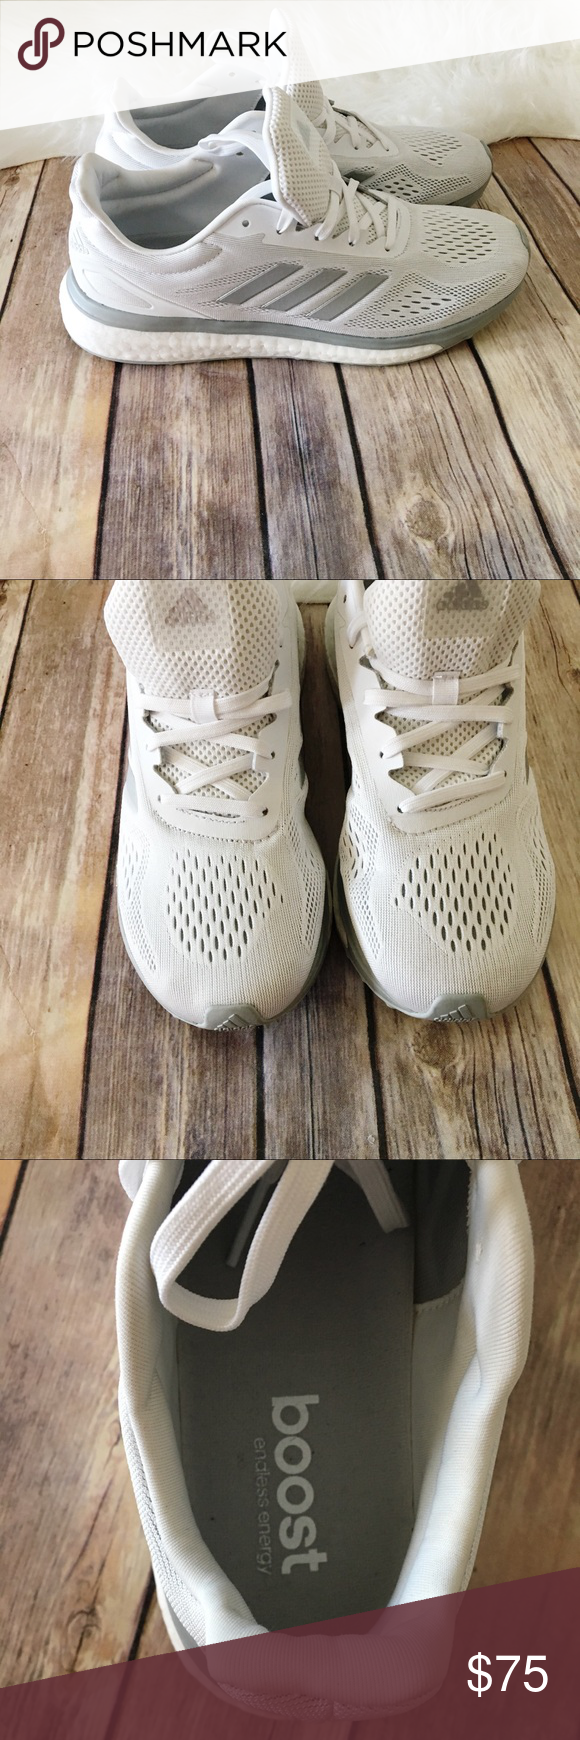 l'énergie solaire sans adidas stimuler stimuler pinterest adidas femmes